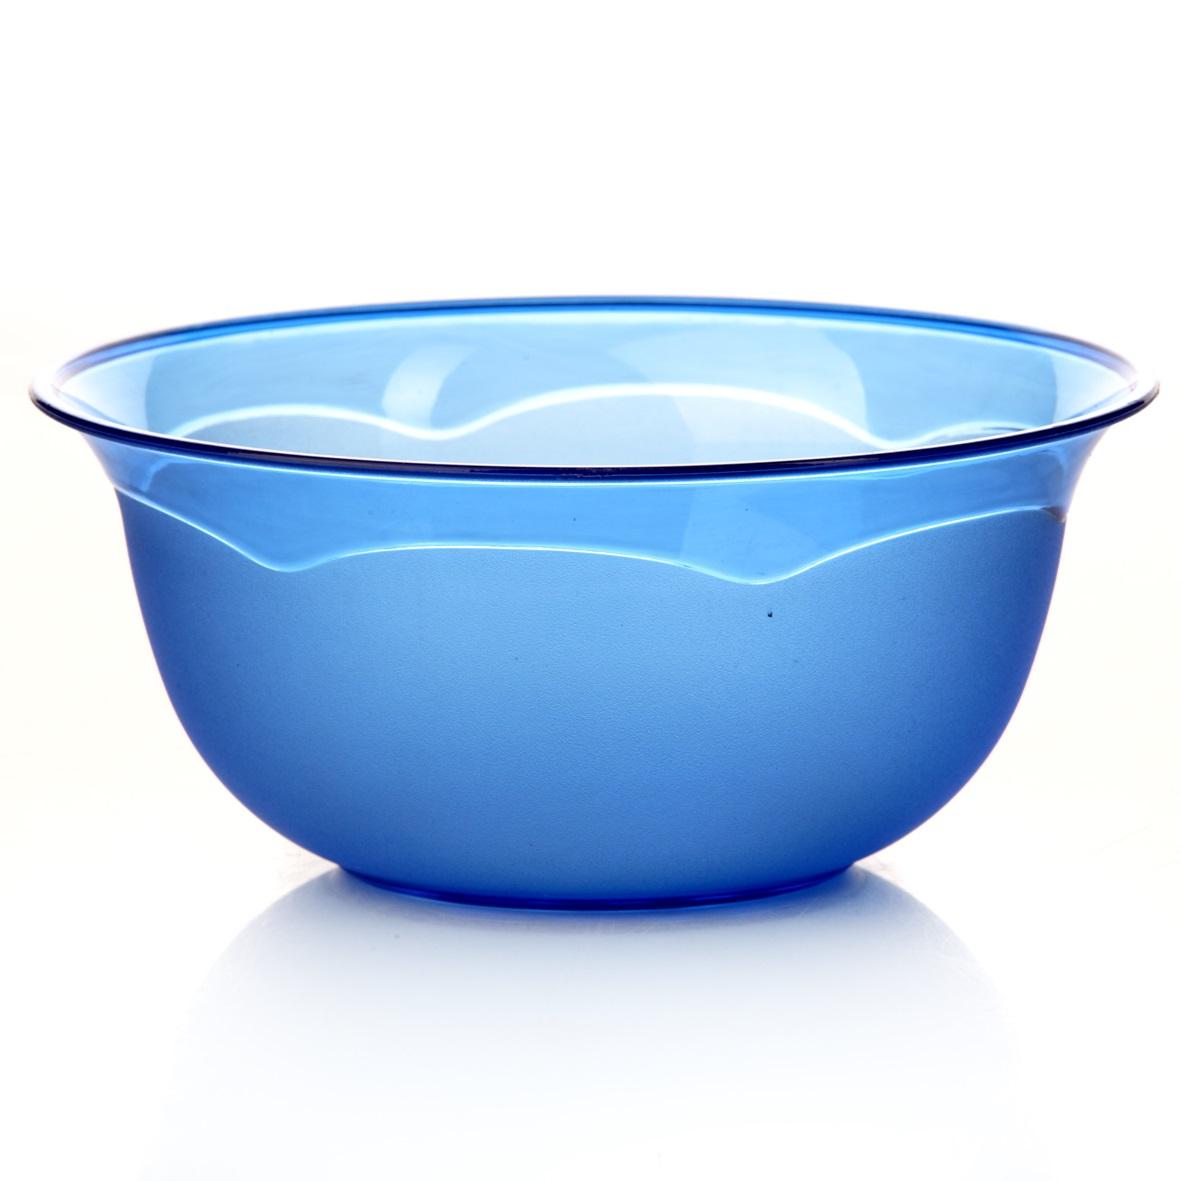 Миска Dunya Plastik, цвет: голубой, 1,4 л. 1116311163Миска Dunya Plastik изготовлена из пищевого пластика круглой формы. Внешние стенки миски матовые. Изделие очень функциональное, оно пригодится на кухне для самых разнообразных нужд: в качестве салатника, миски, тарелки. Можно мыть в посудомоечной машине. Объем: 1,4 л. Диаметр миски по верхнему краю: 19 см. Высота стенки: 8,5 см.